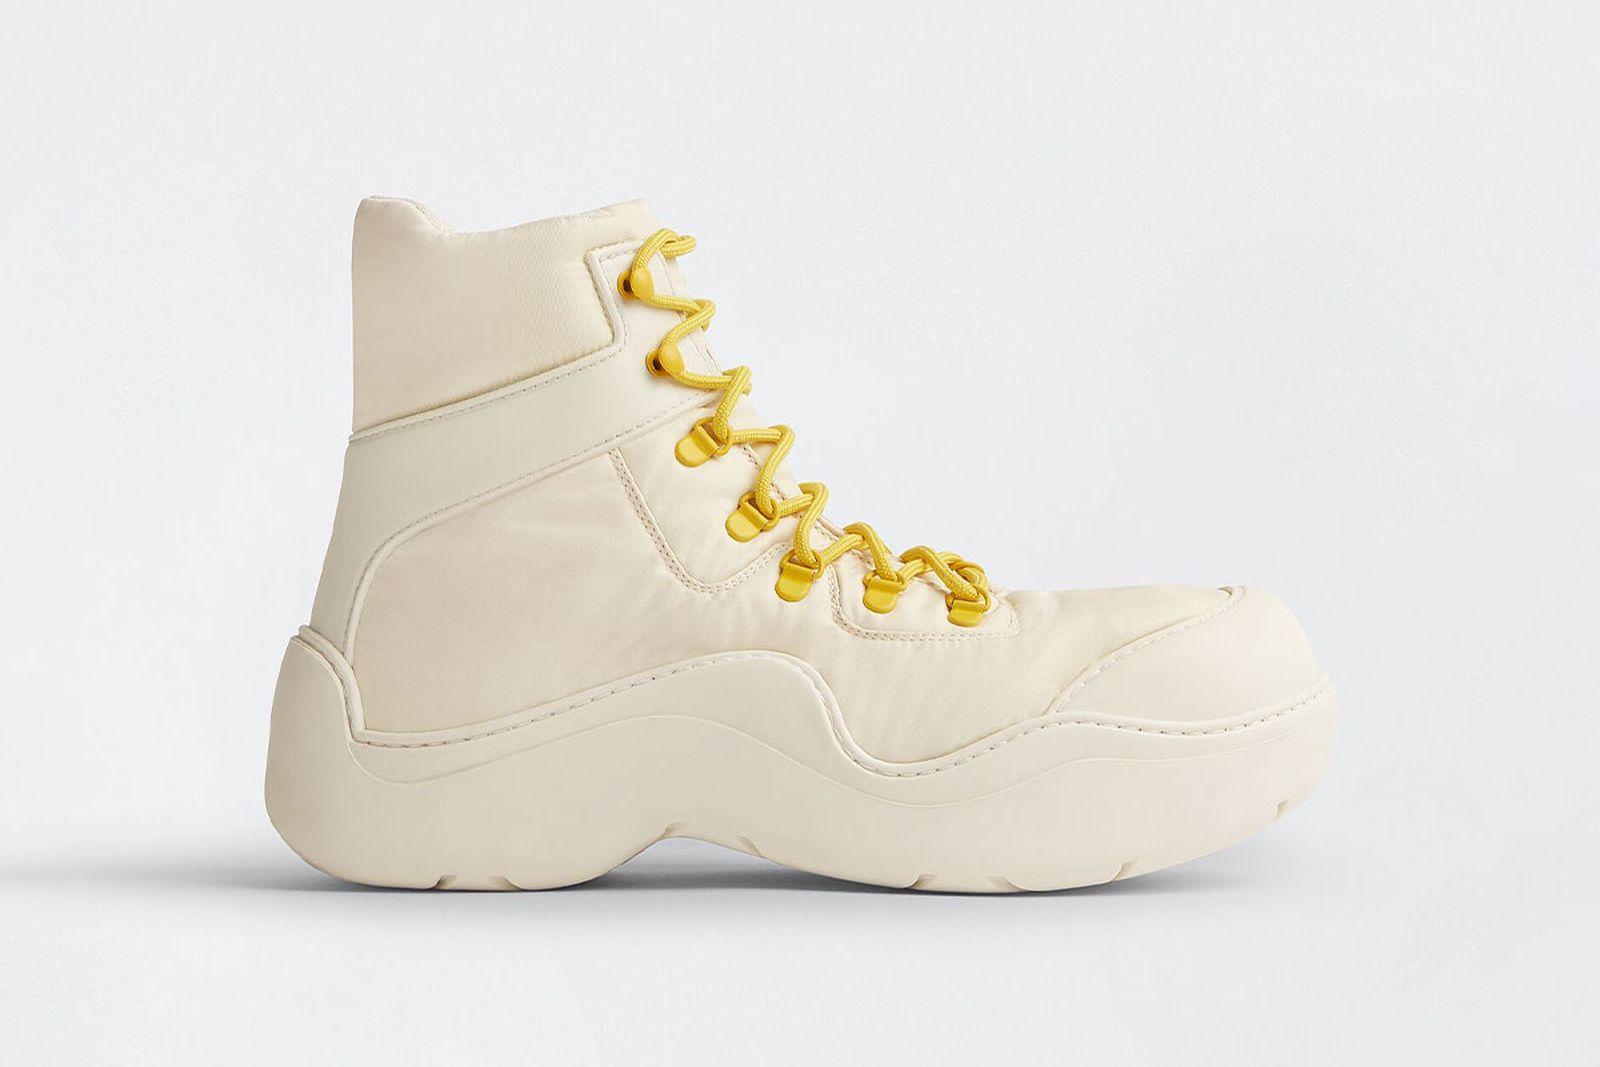 bottega-veneta-resort-2021-footwear-04